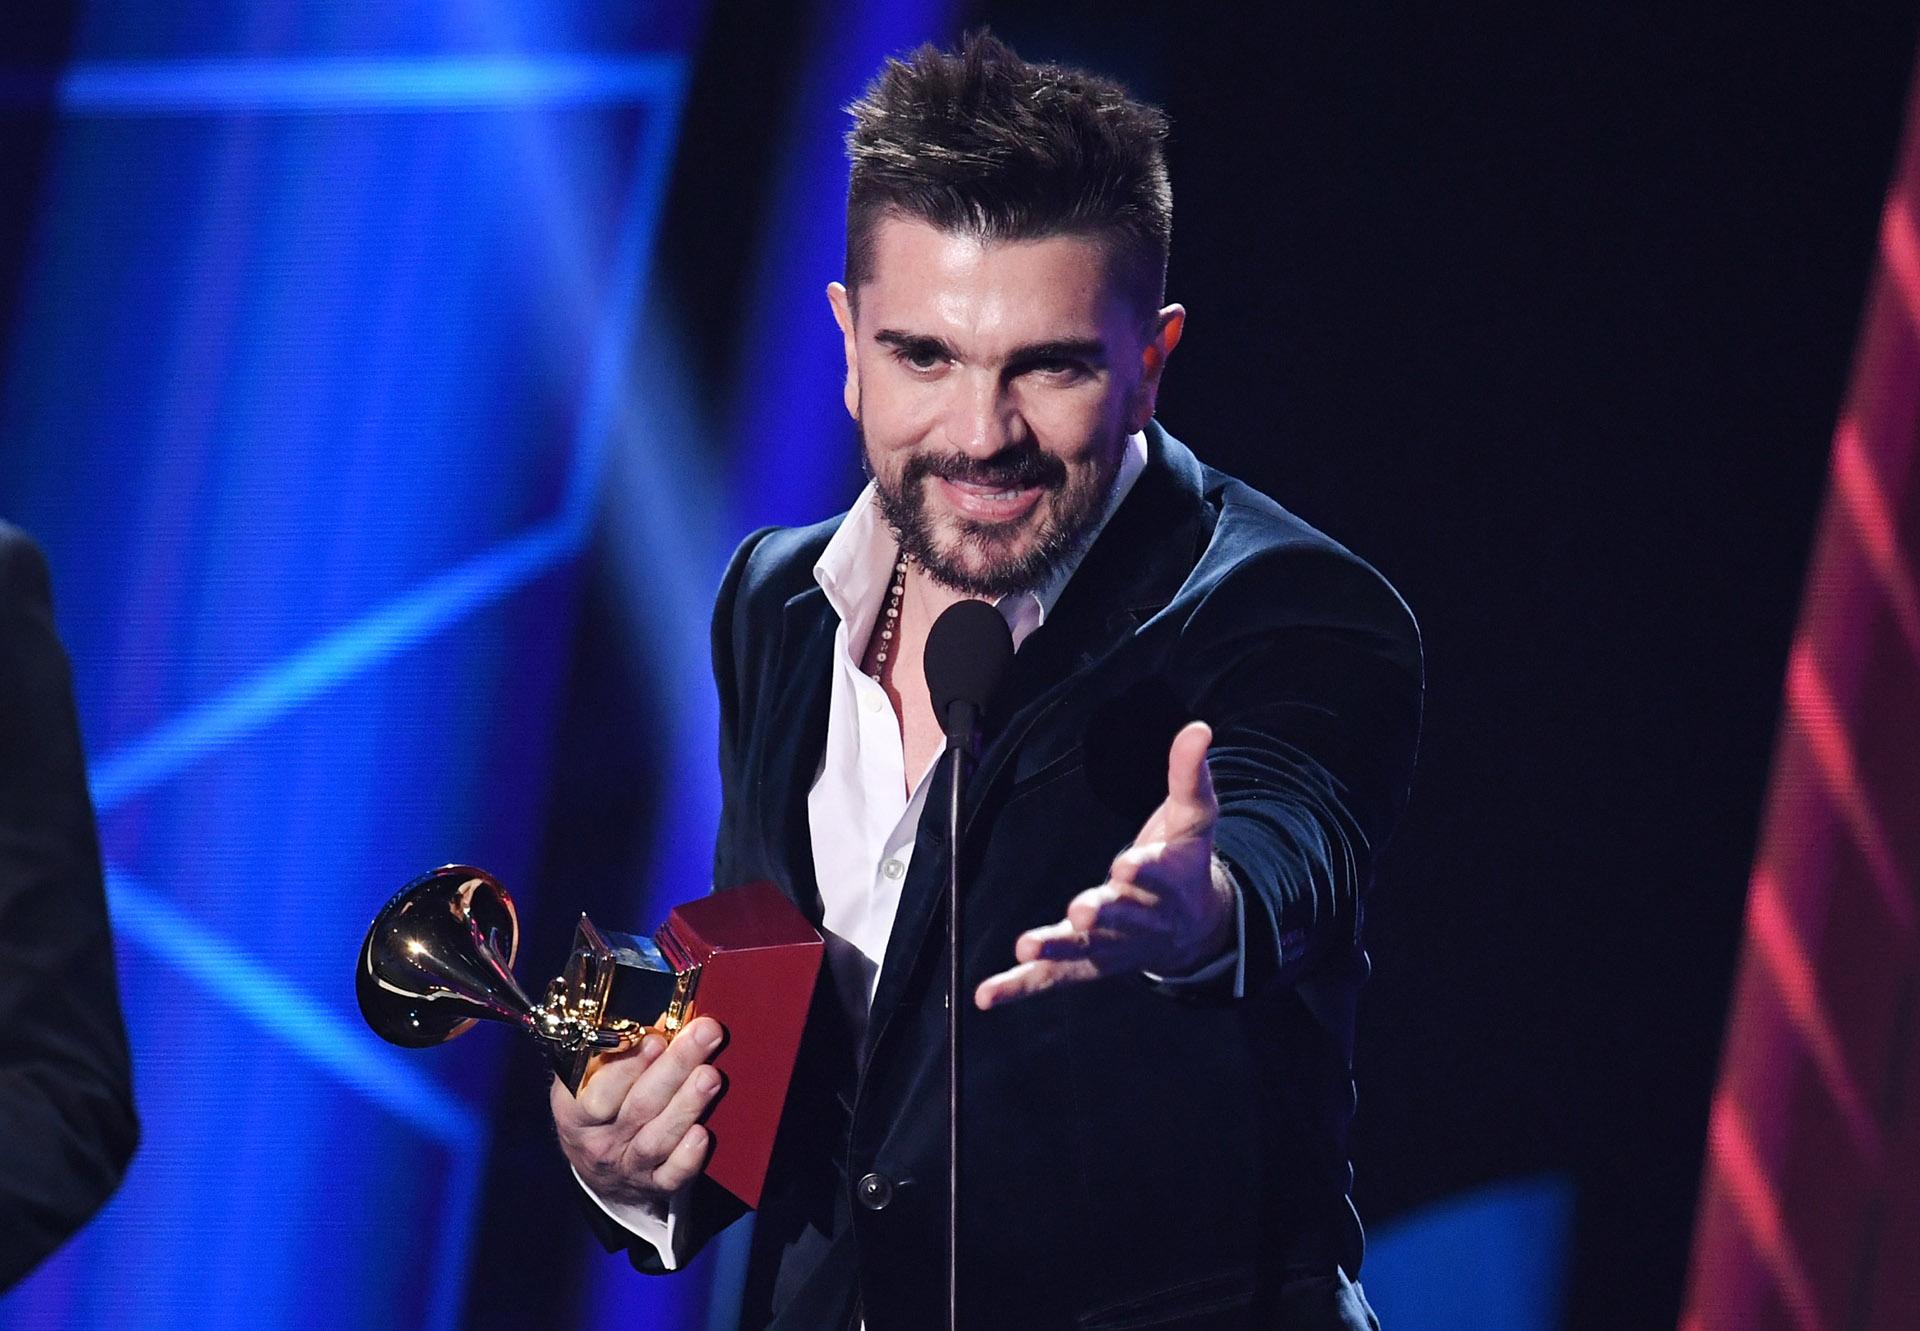 """Juanes se impuso en la categoría Mejor Álbum Pop/Rock por """"Mis Planes Son Amarte"""" (Kevin Winter/Getty Images)"""